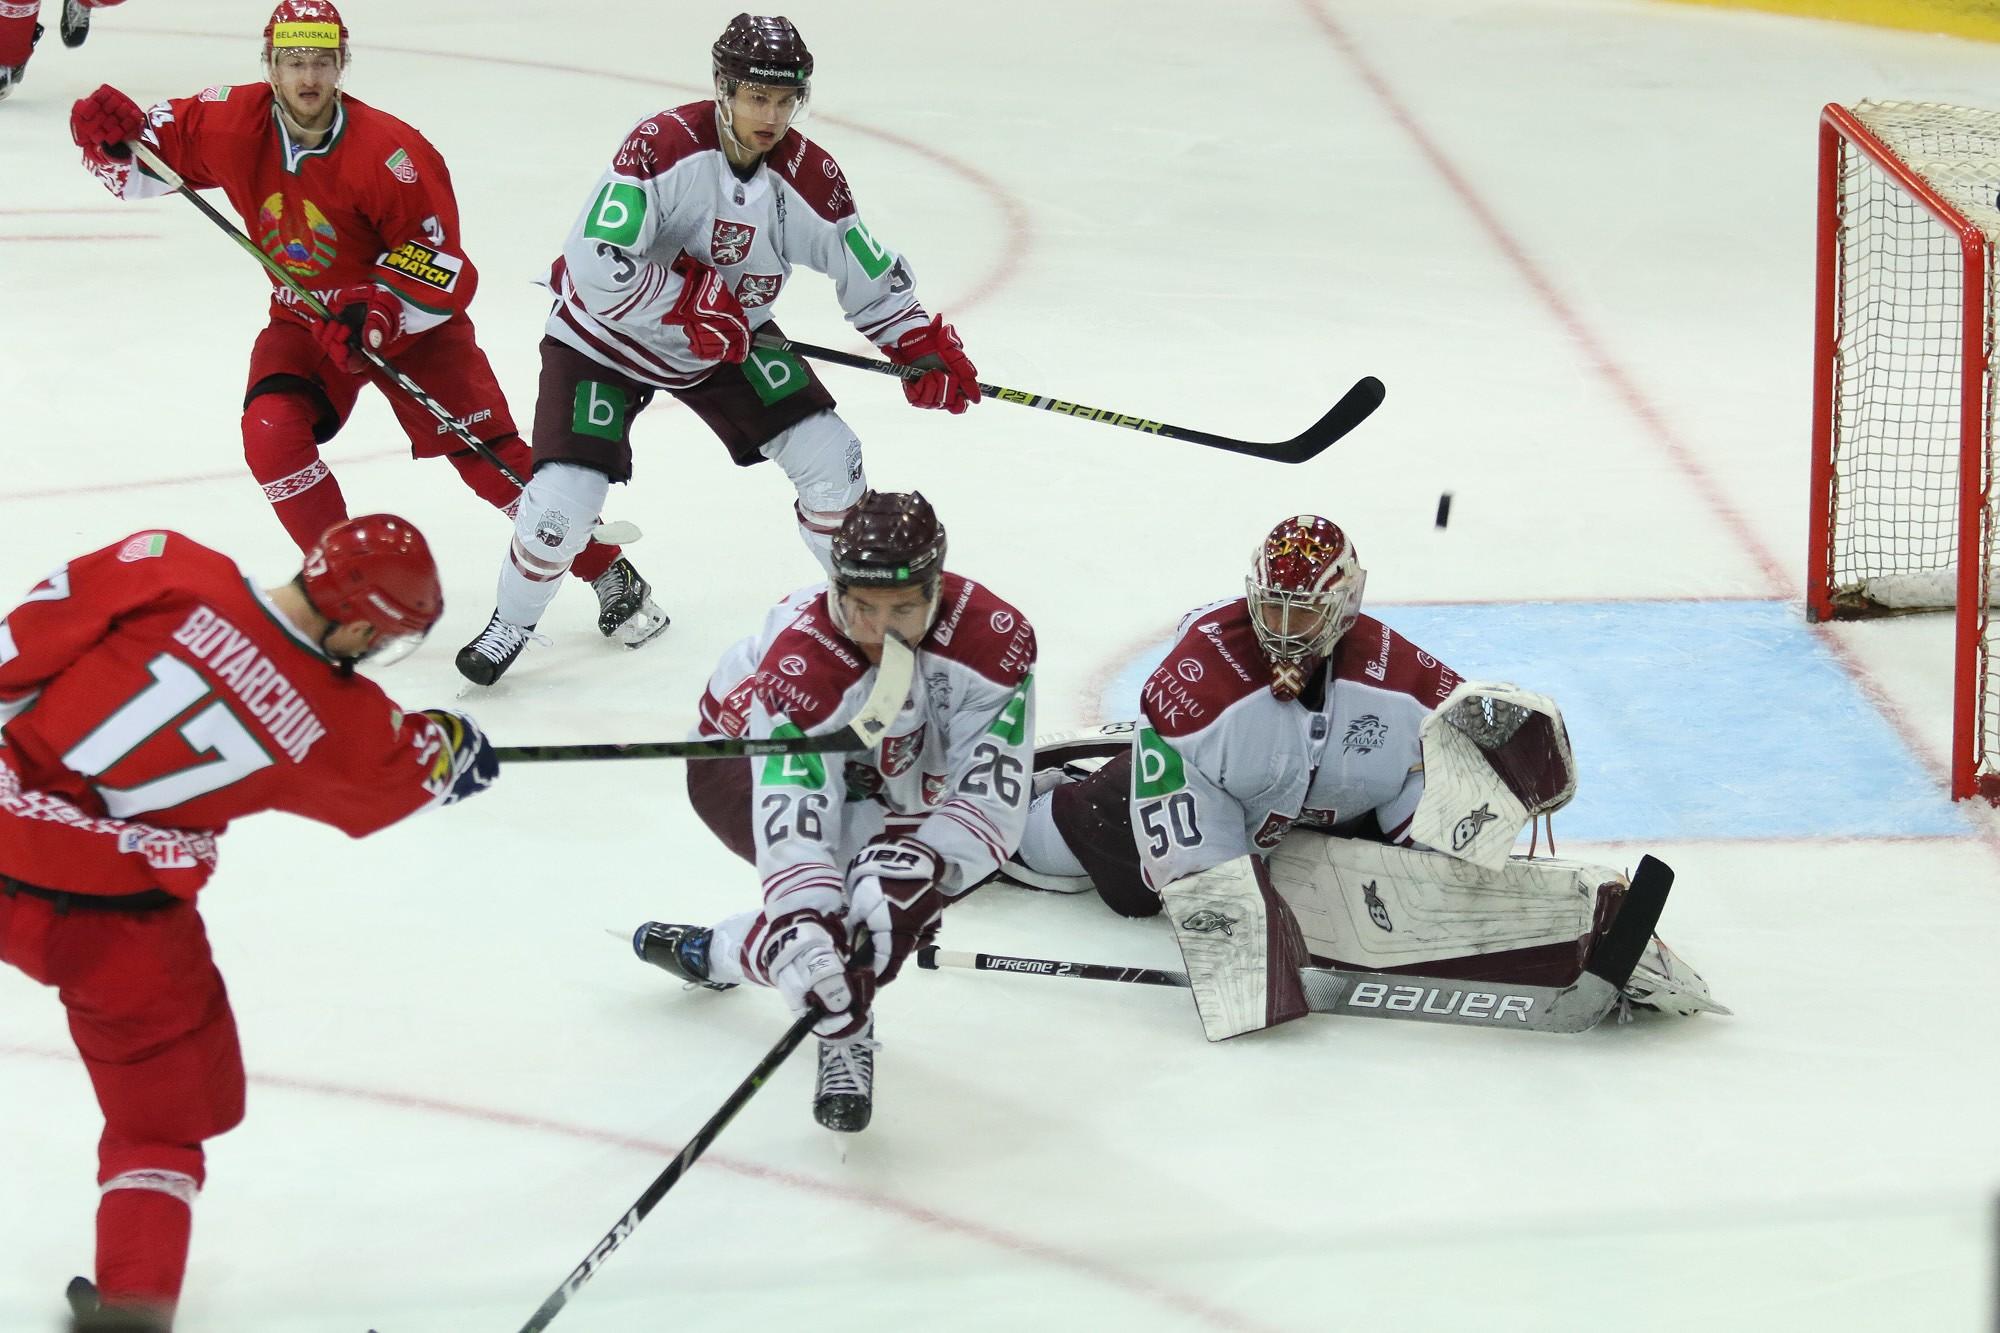 Latvijas izlase Četru nāciju turnīrā Liepājā izcīna otro vietu